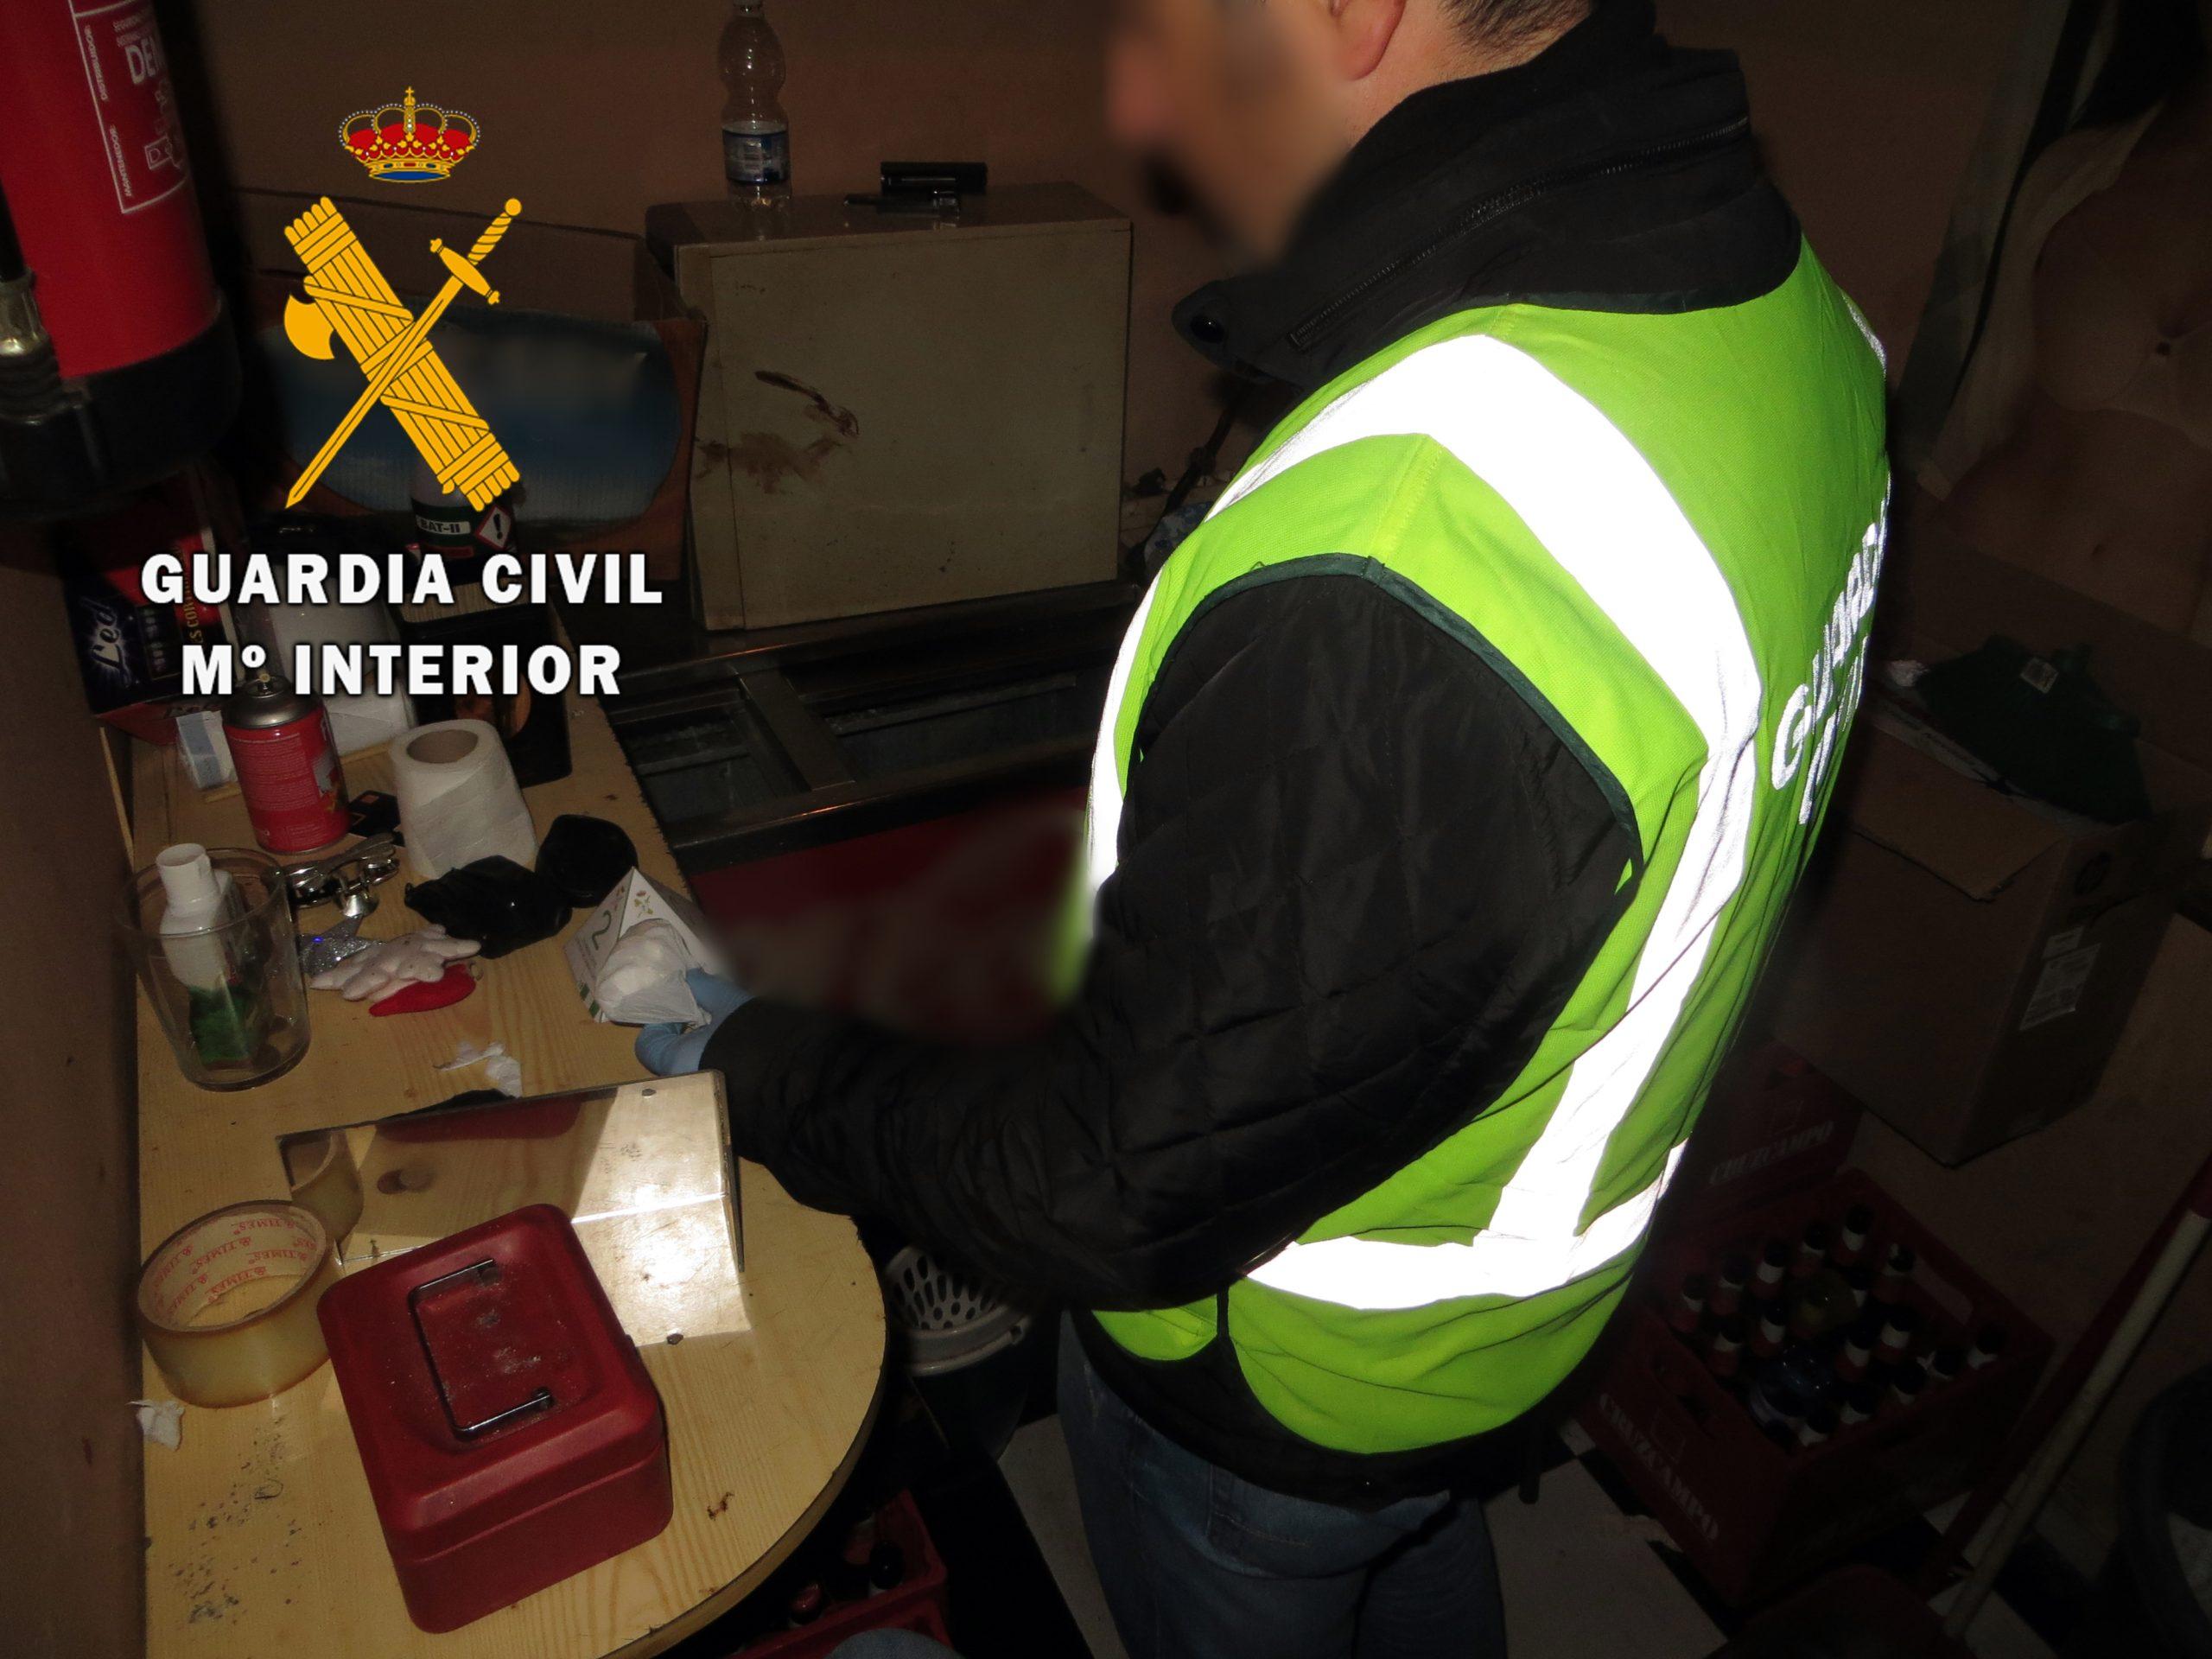 Detenido un vecino de Adra en los alrededores de un pub con 16 dosis de cocaína